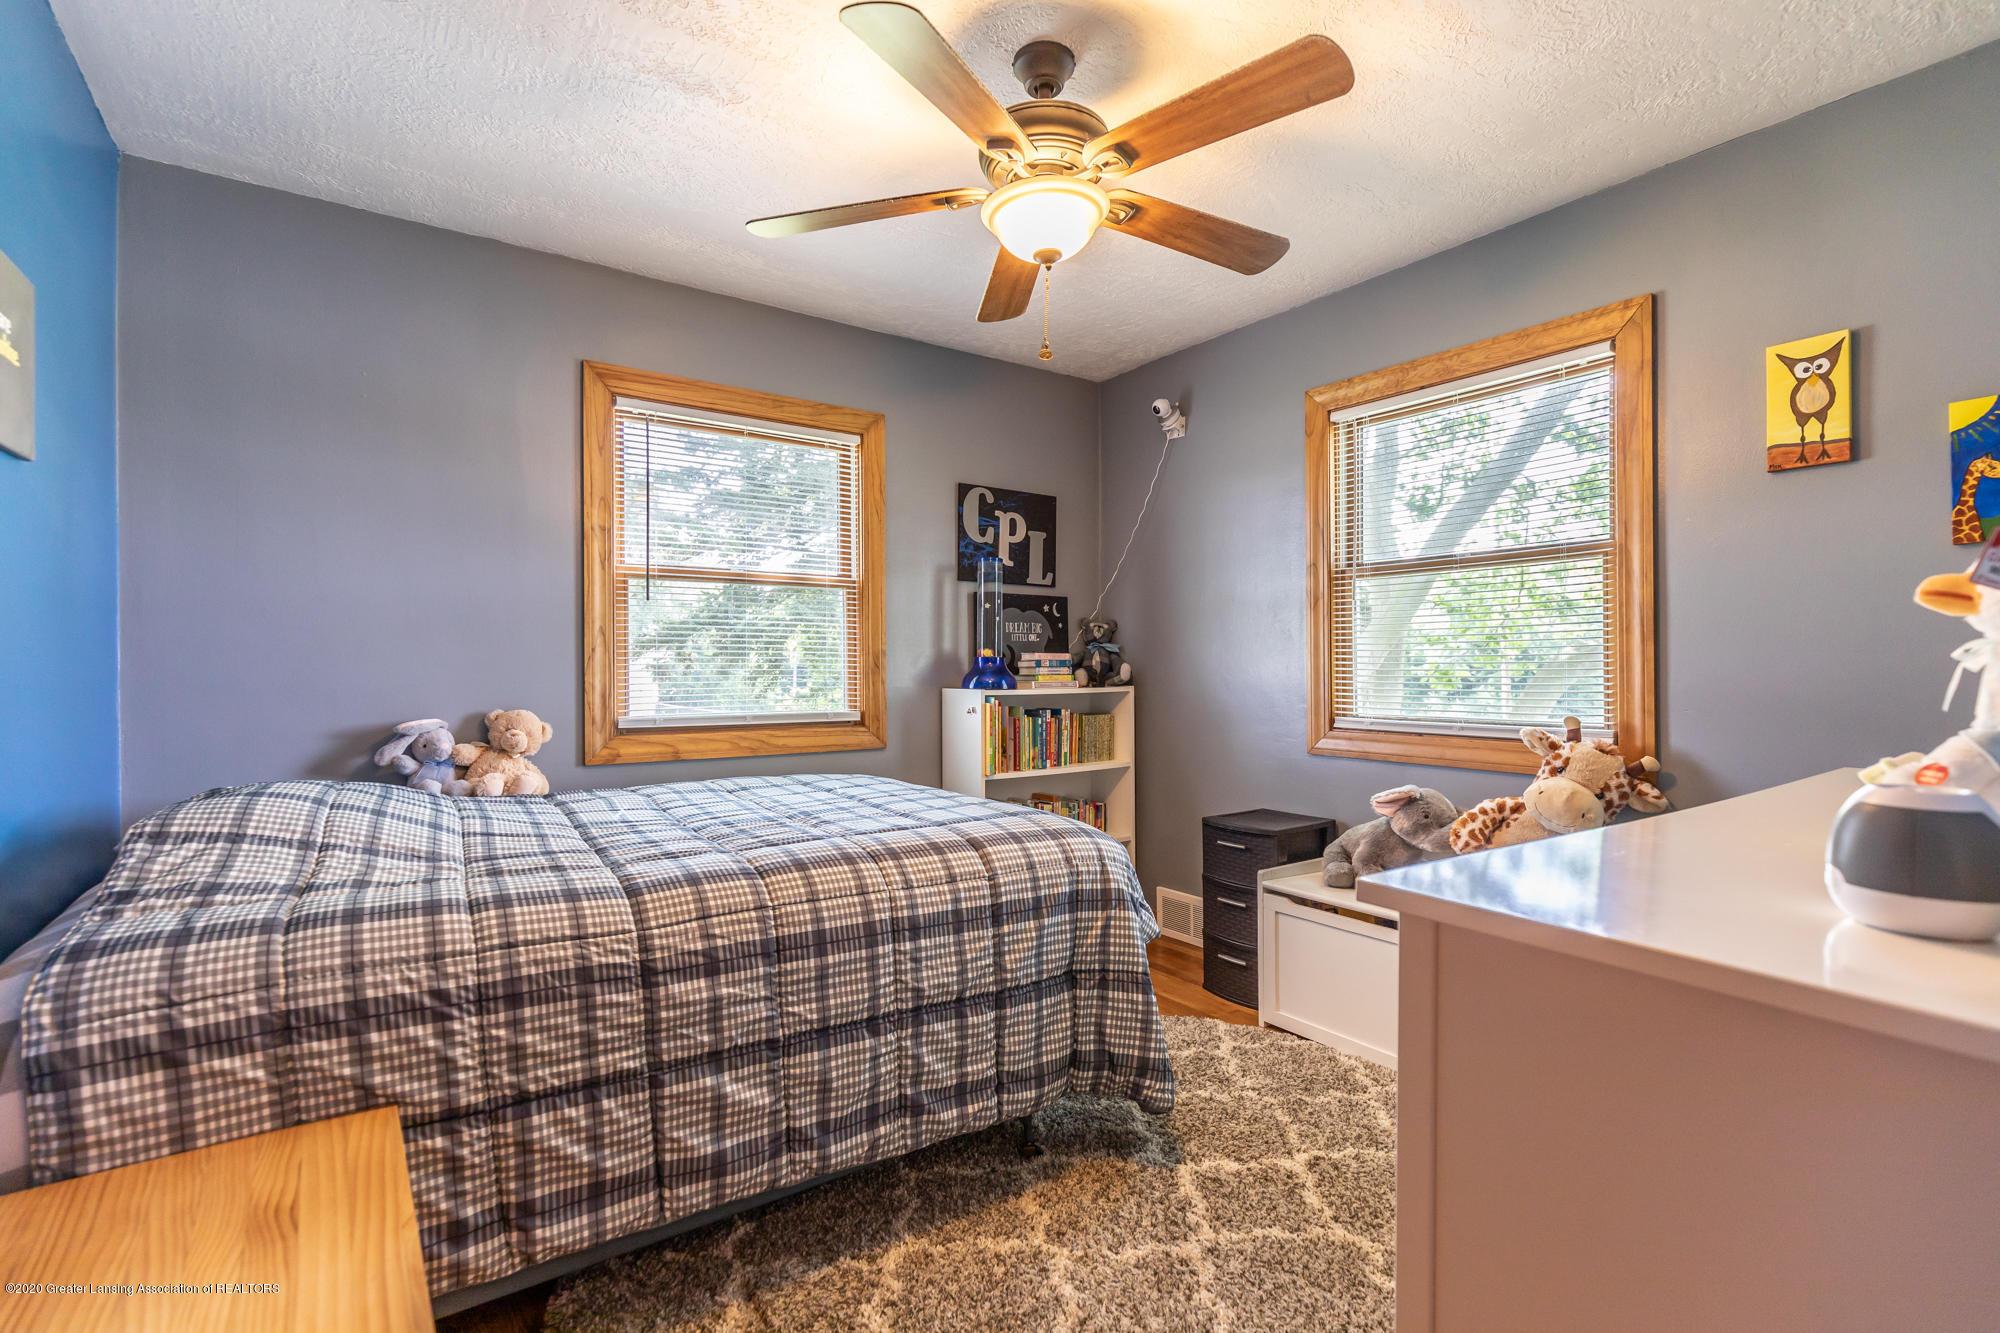 205 W Herbison Rd - Bedroom #2 - 17